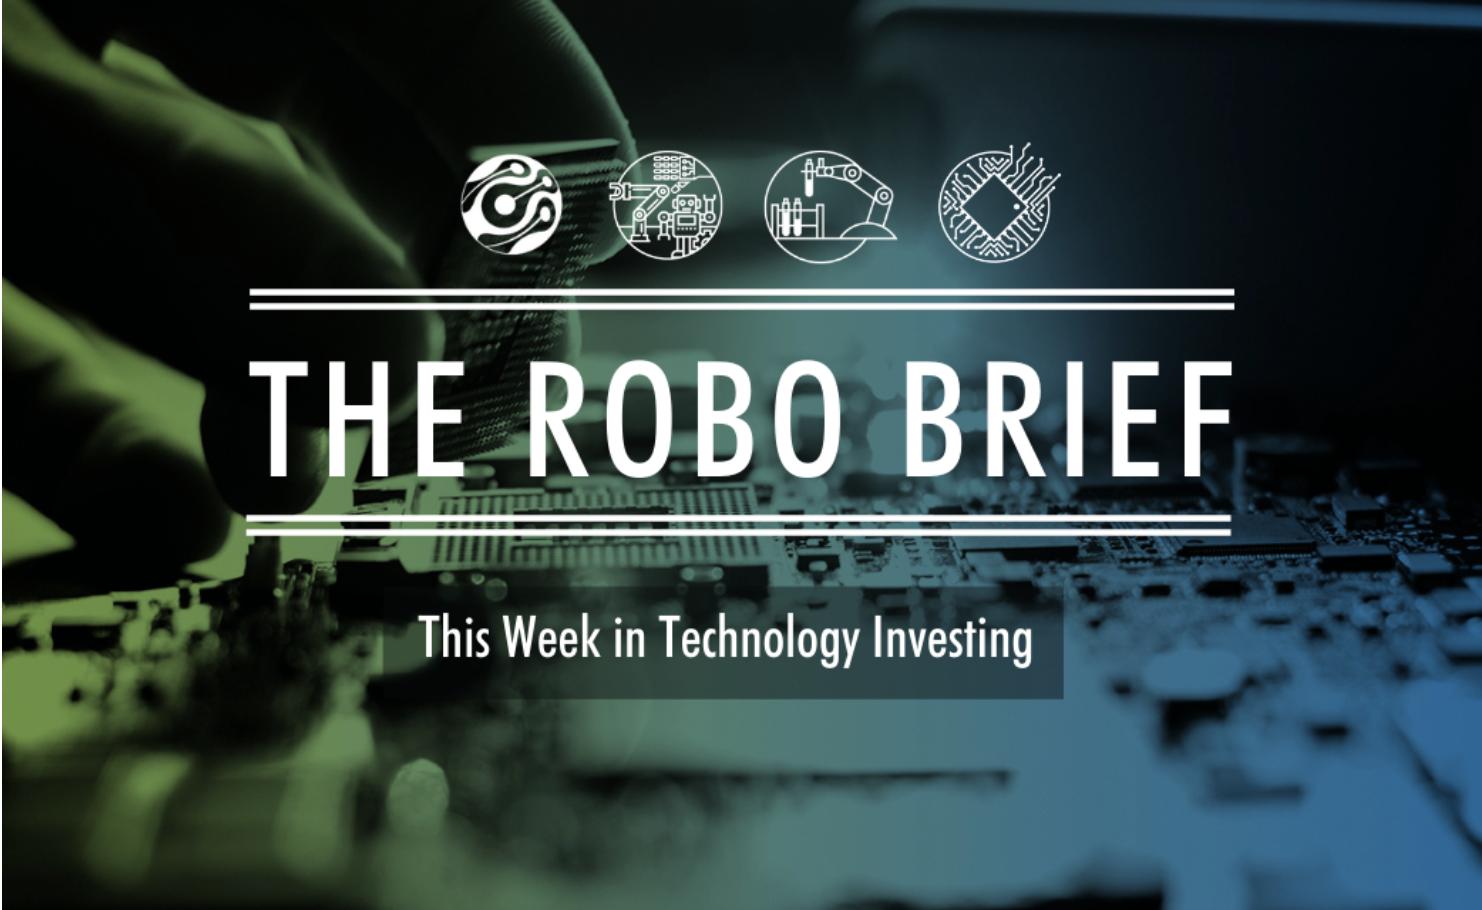 ROBO Brief: Ambarella's AI Capabilities, An IPO Frenzy & More